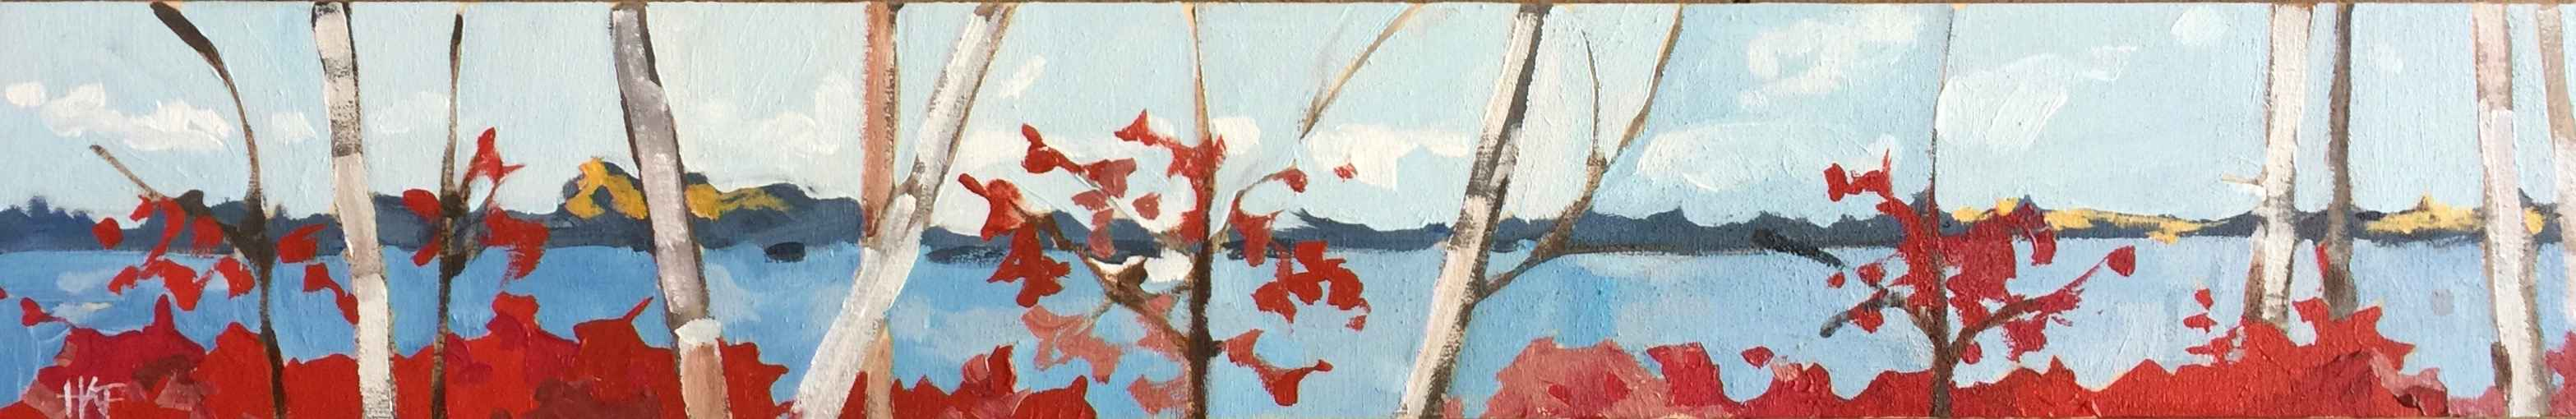 Z Birch Filter by  Holly Ann Friesen - Masterpiece Online